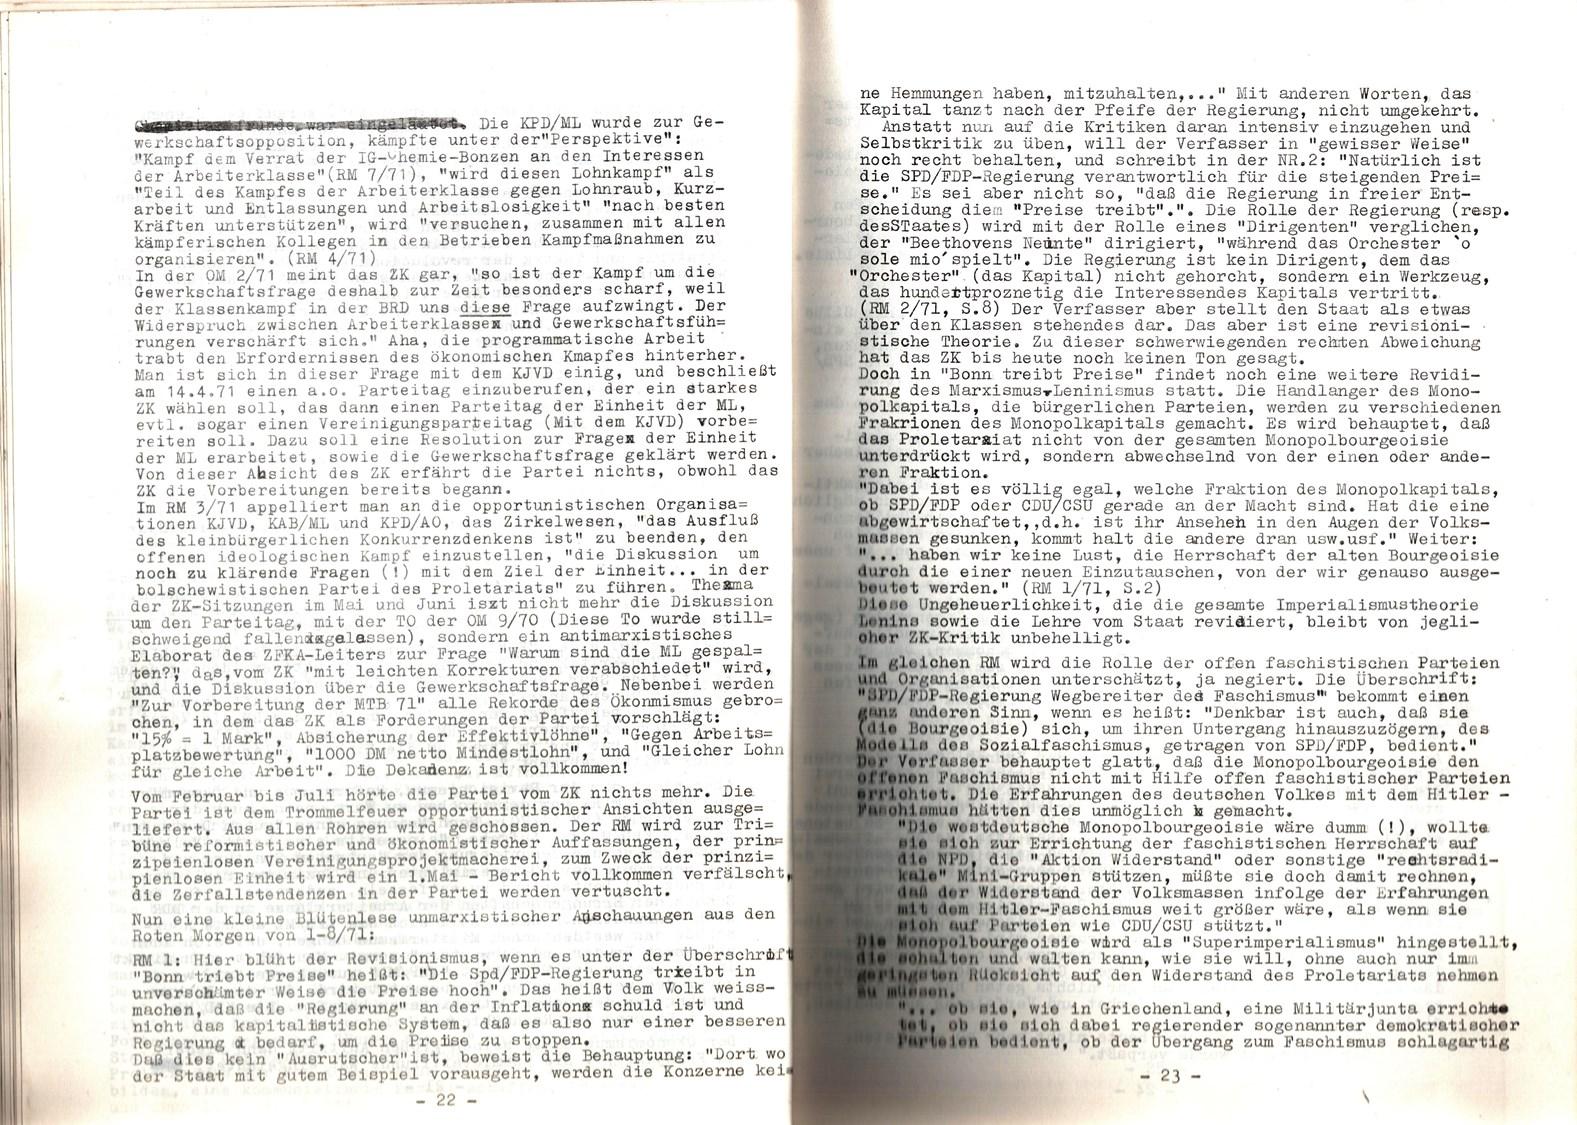 KPDML_1971_Analysen_und_Antraege_des_LV_Sued_West_017